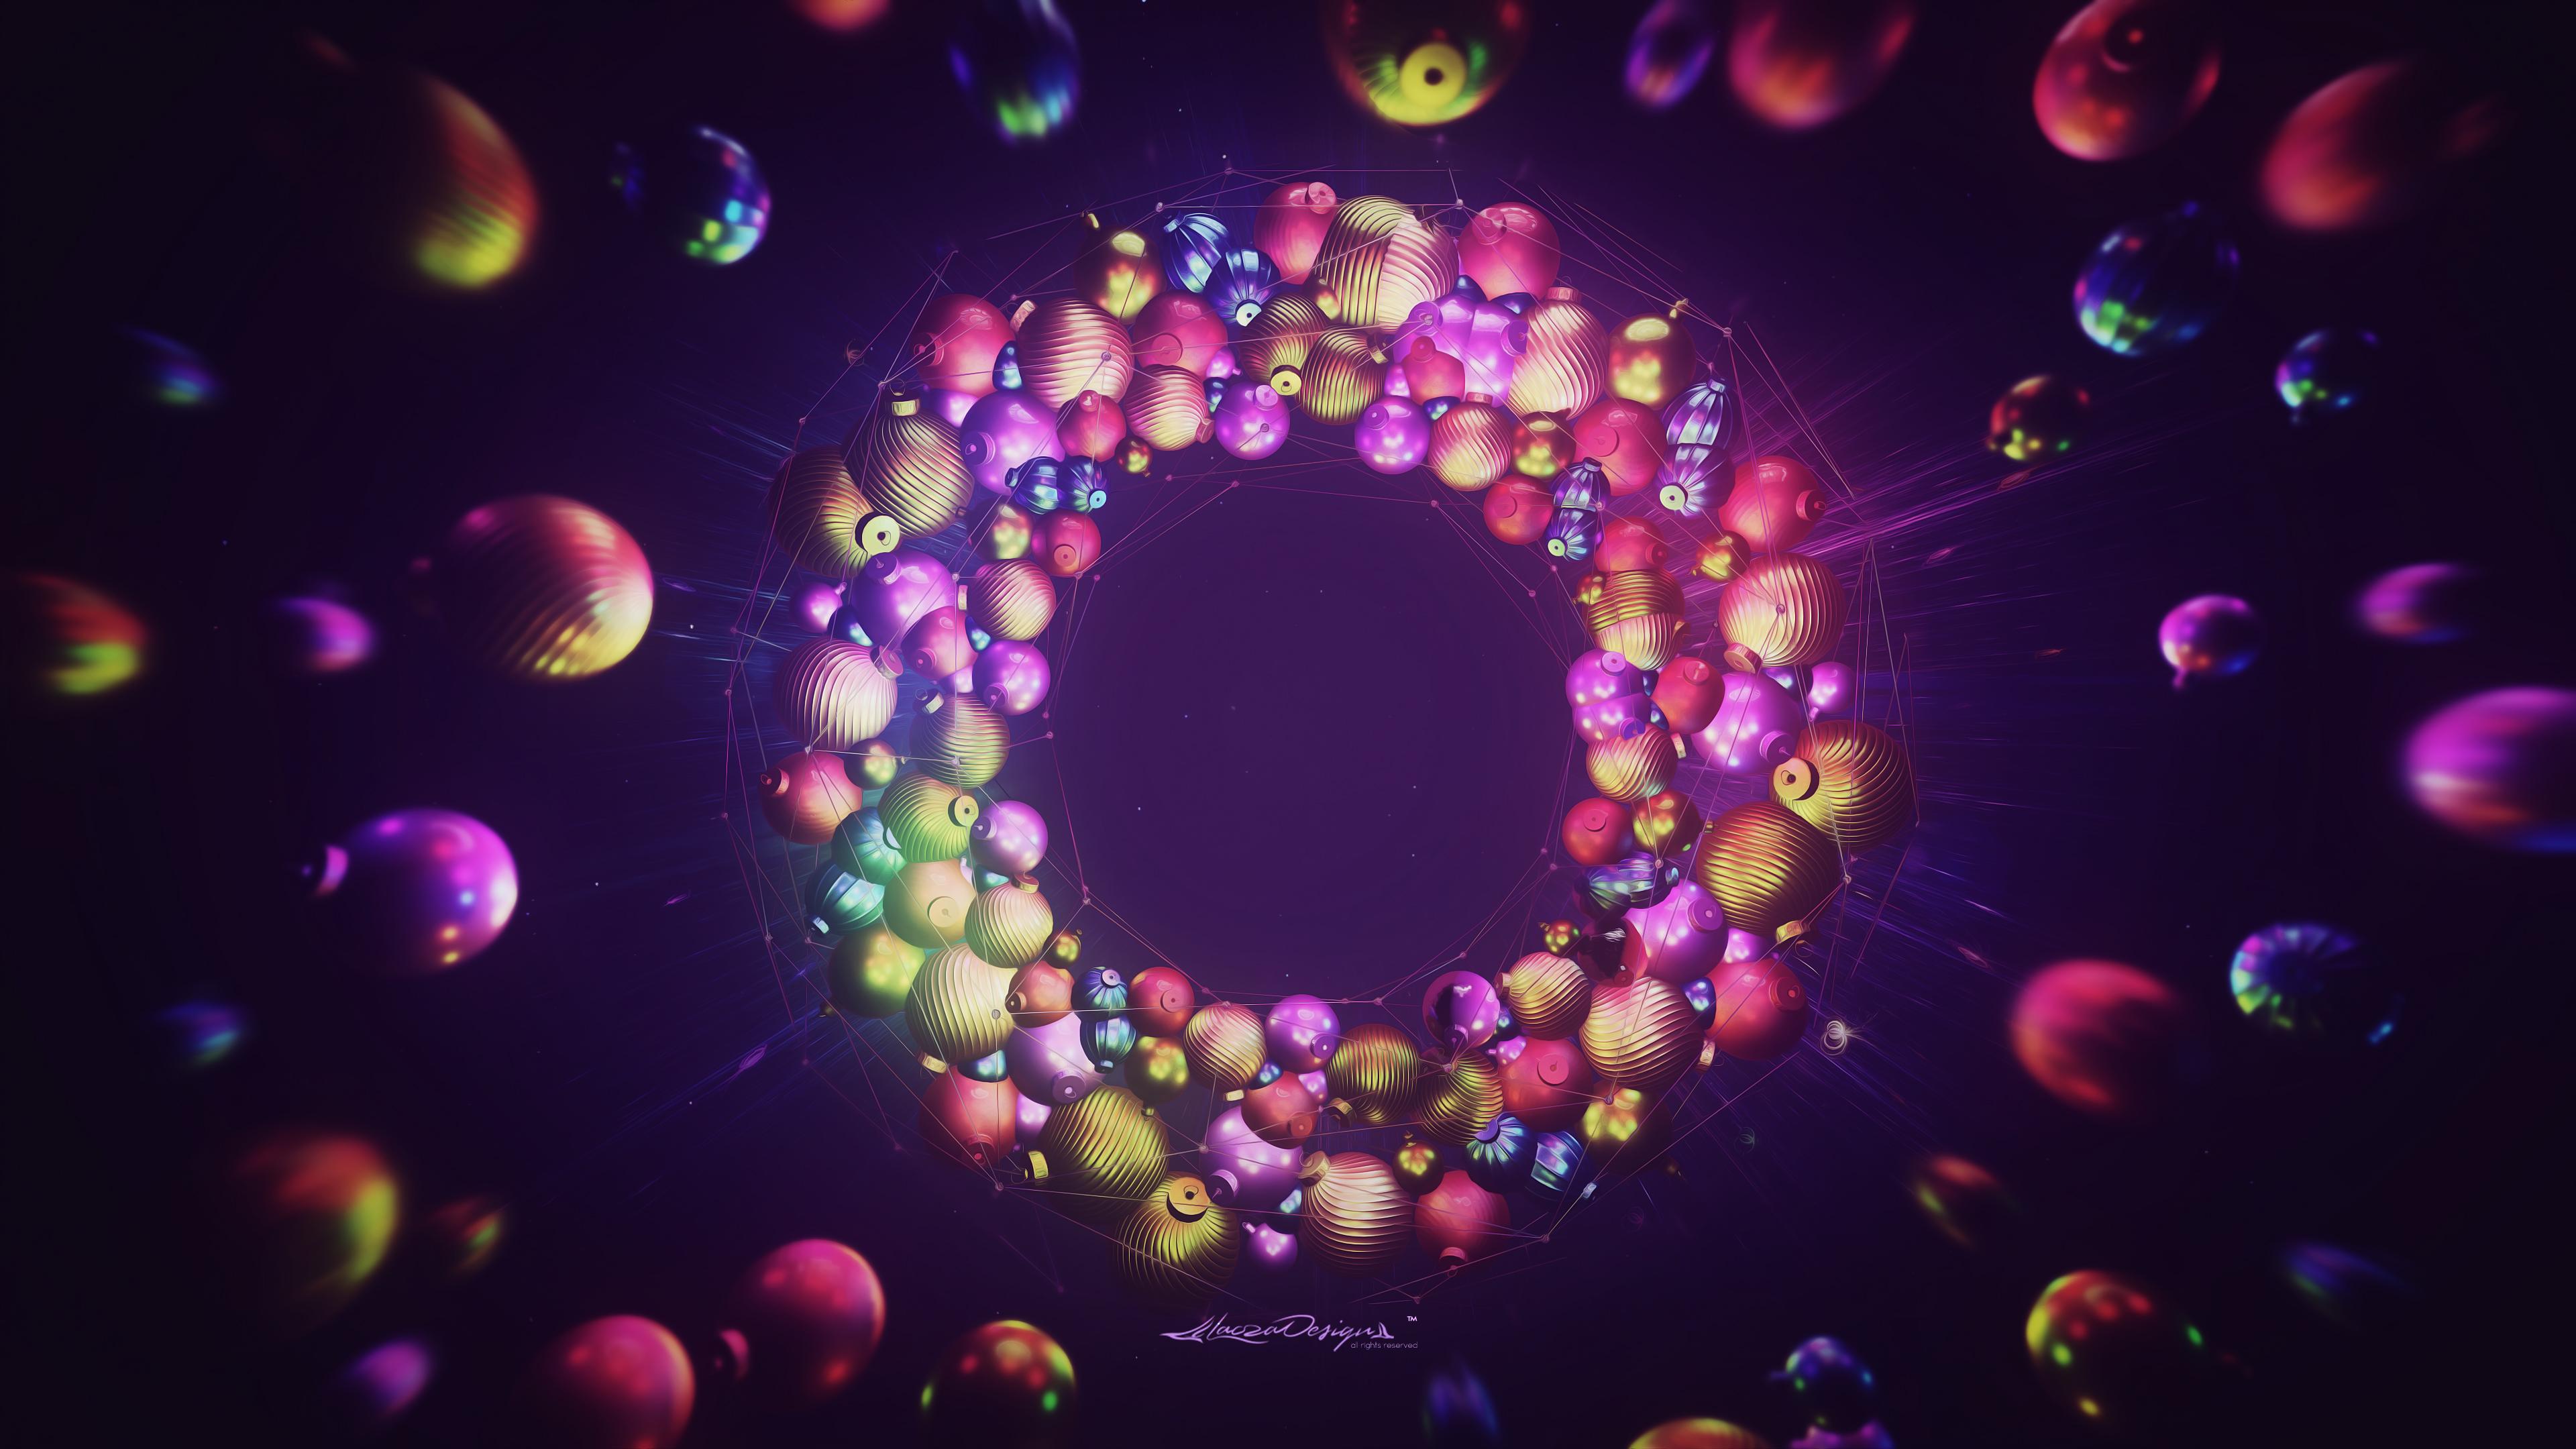 Новогодняя гирлянда из разноцветных елочных игрушек